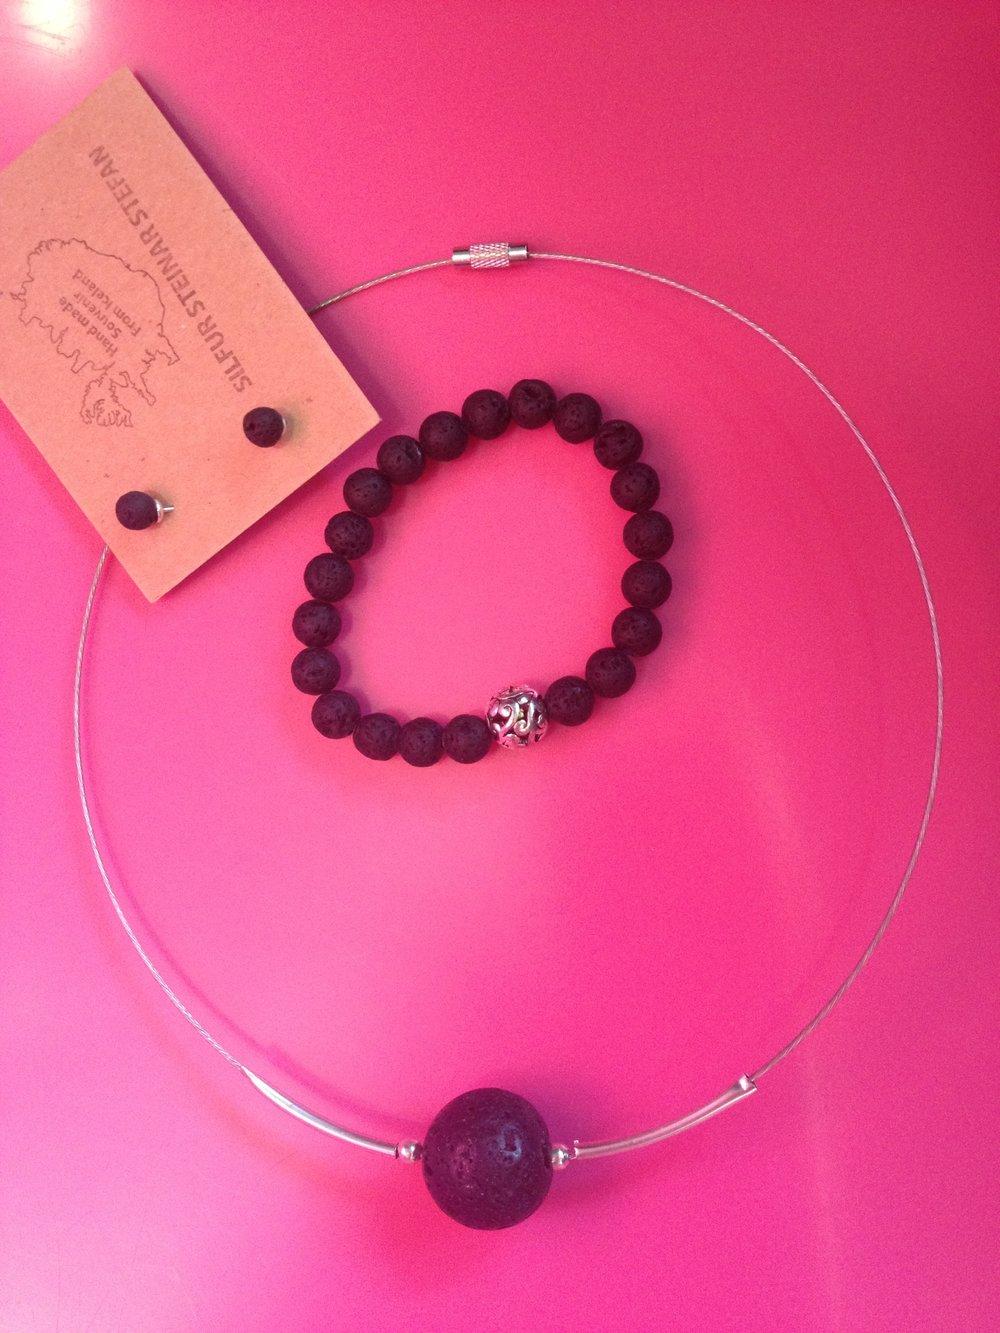 Necklace- $19, bracelet- $19, earrings- $8.